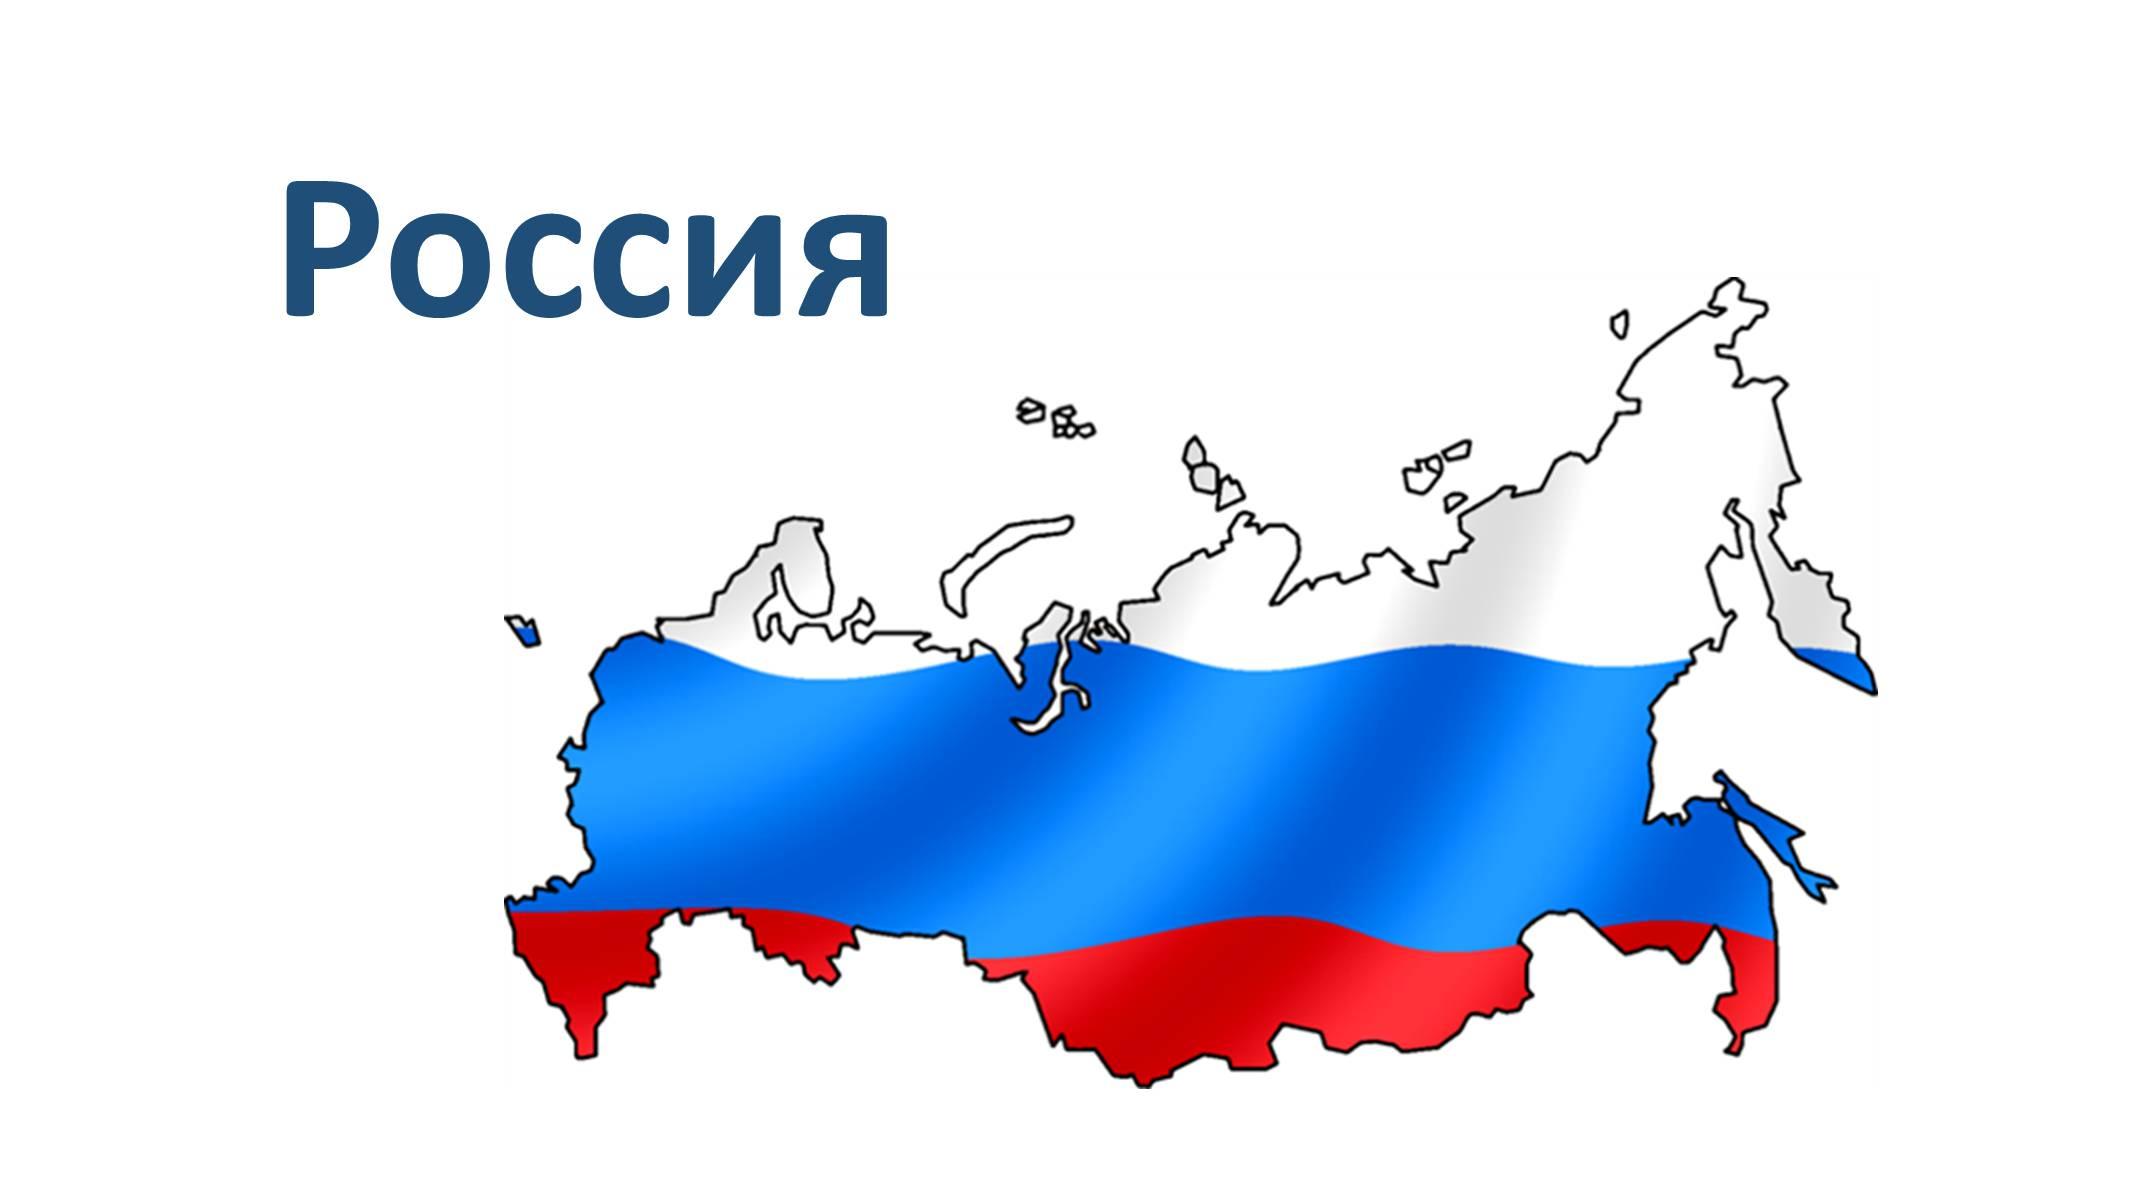 вот открытка о россии 5 класс цветку пуансеттия может